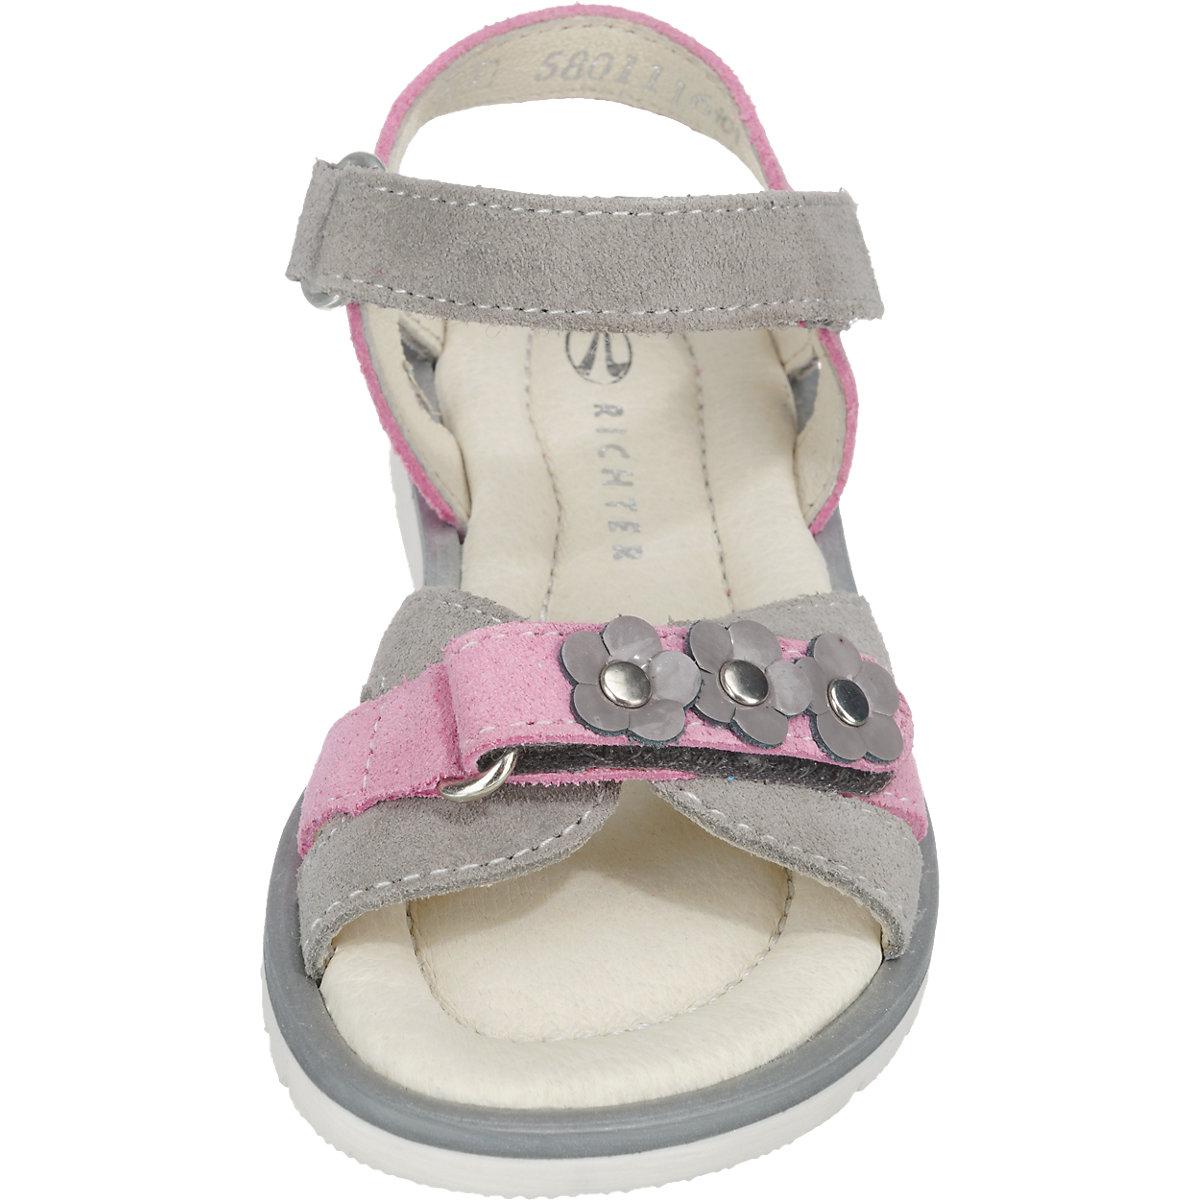 RICHTER, Sandalen für Mädchen, grau | mirapodo